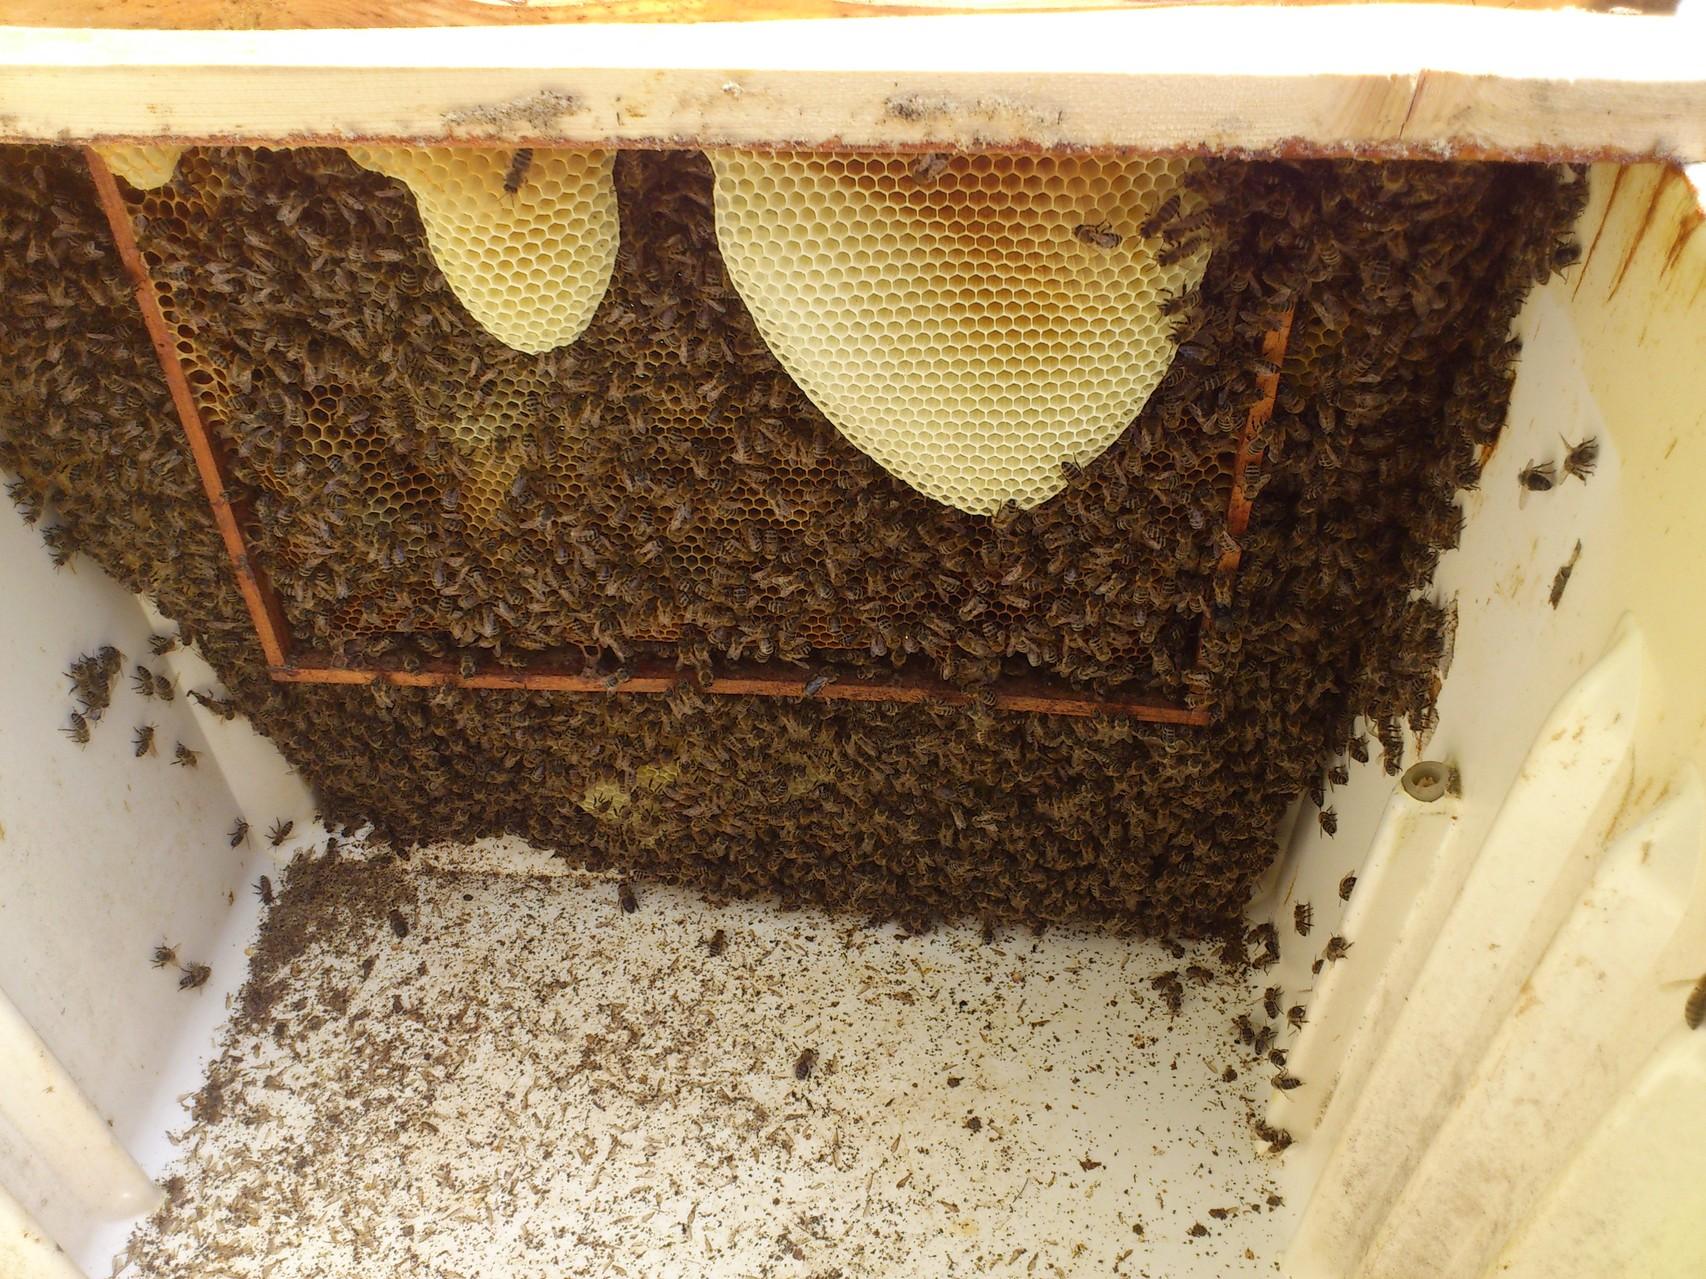 včelstvo v ledové komoře